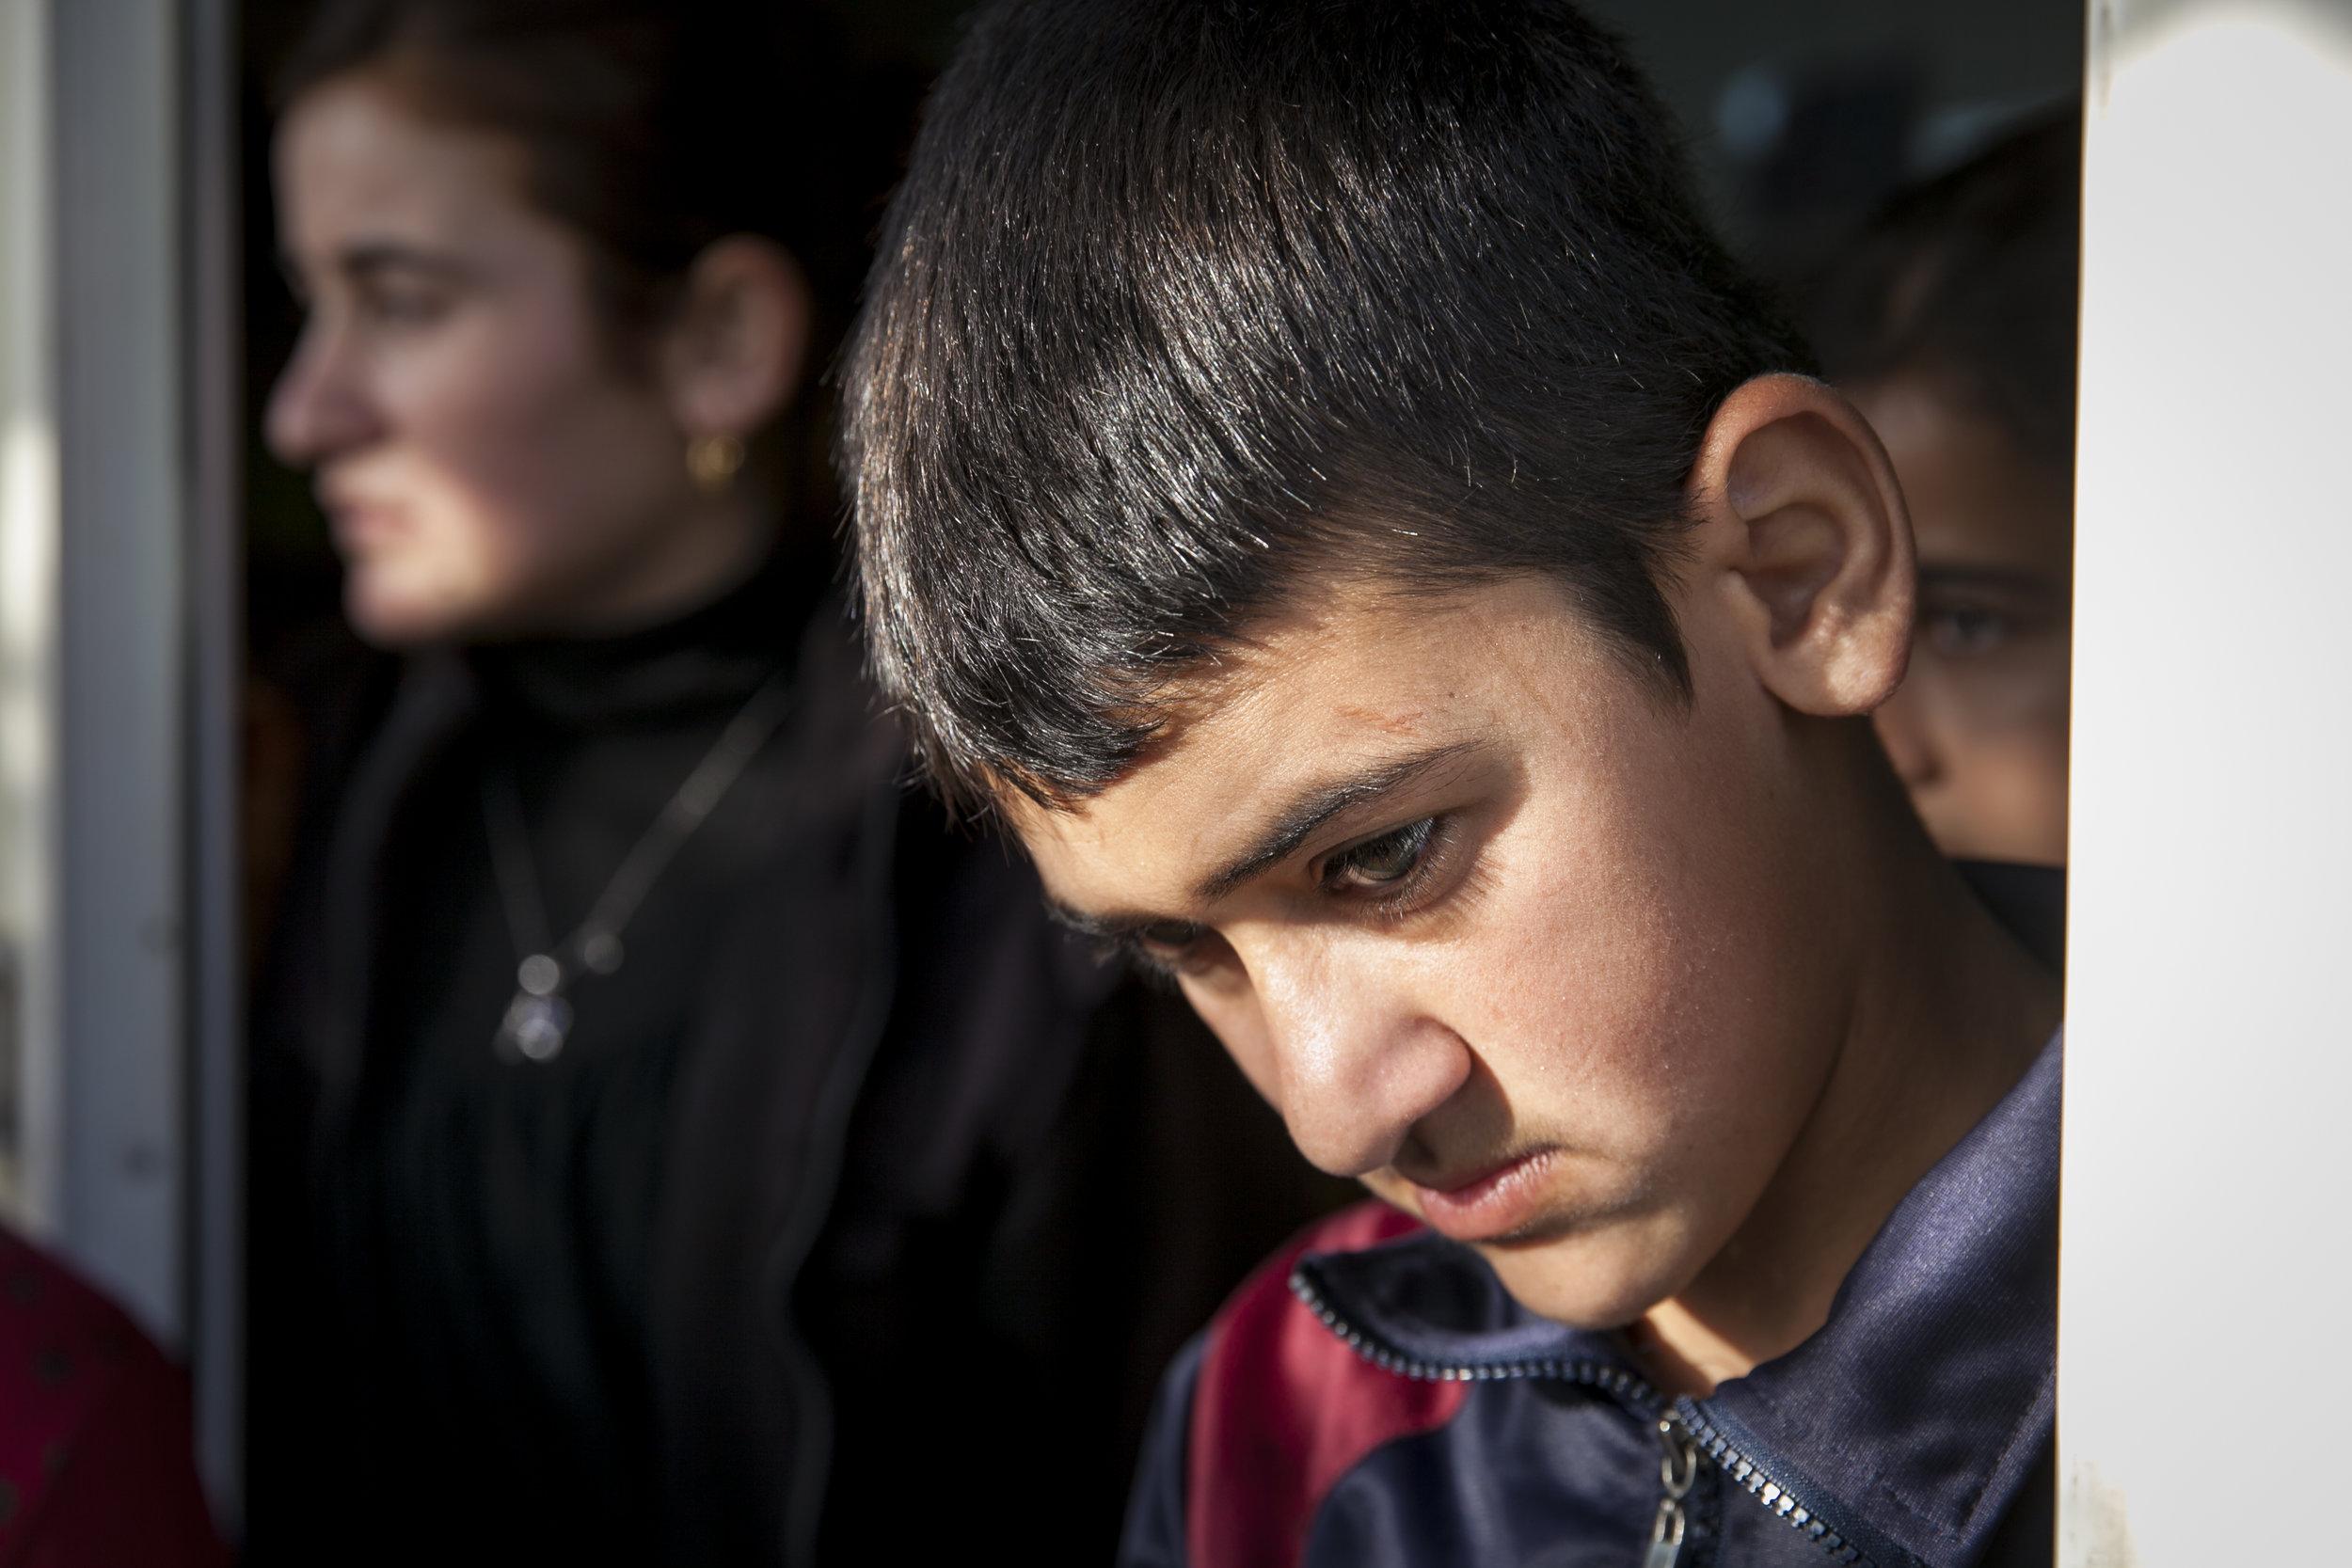 20141205_Refugee_GH_0565.jpg